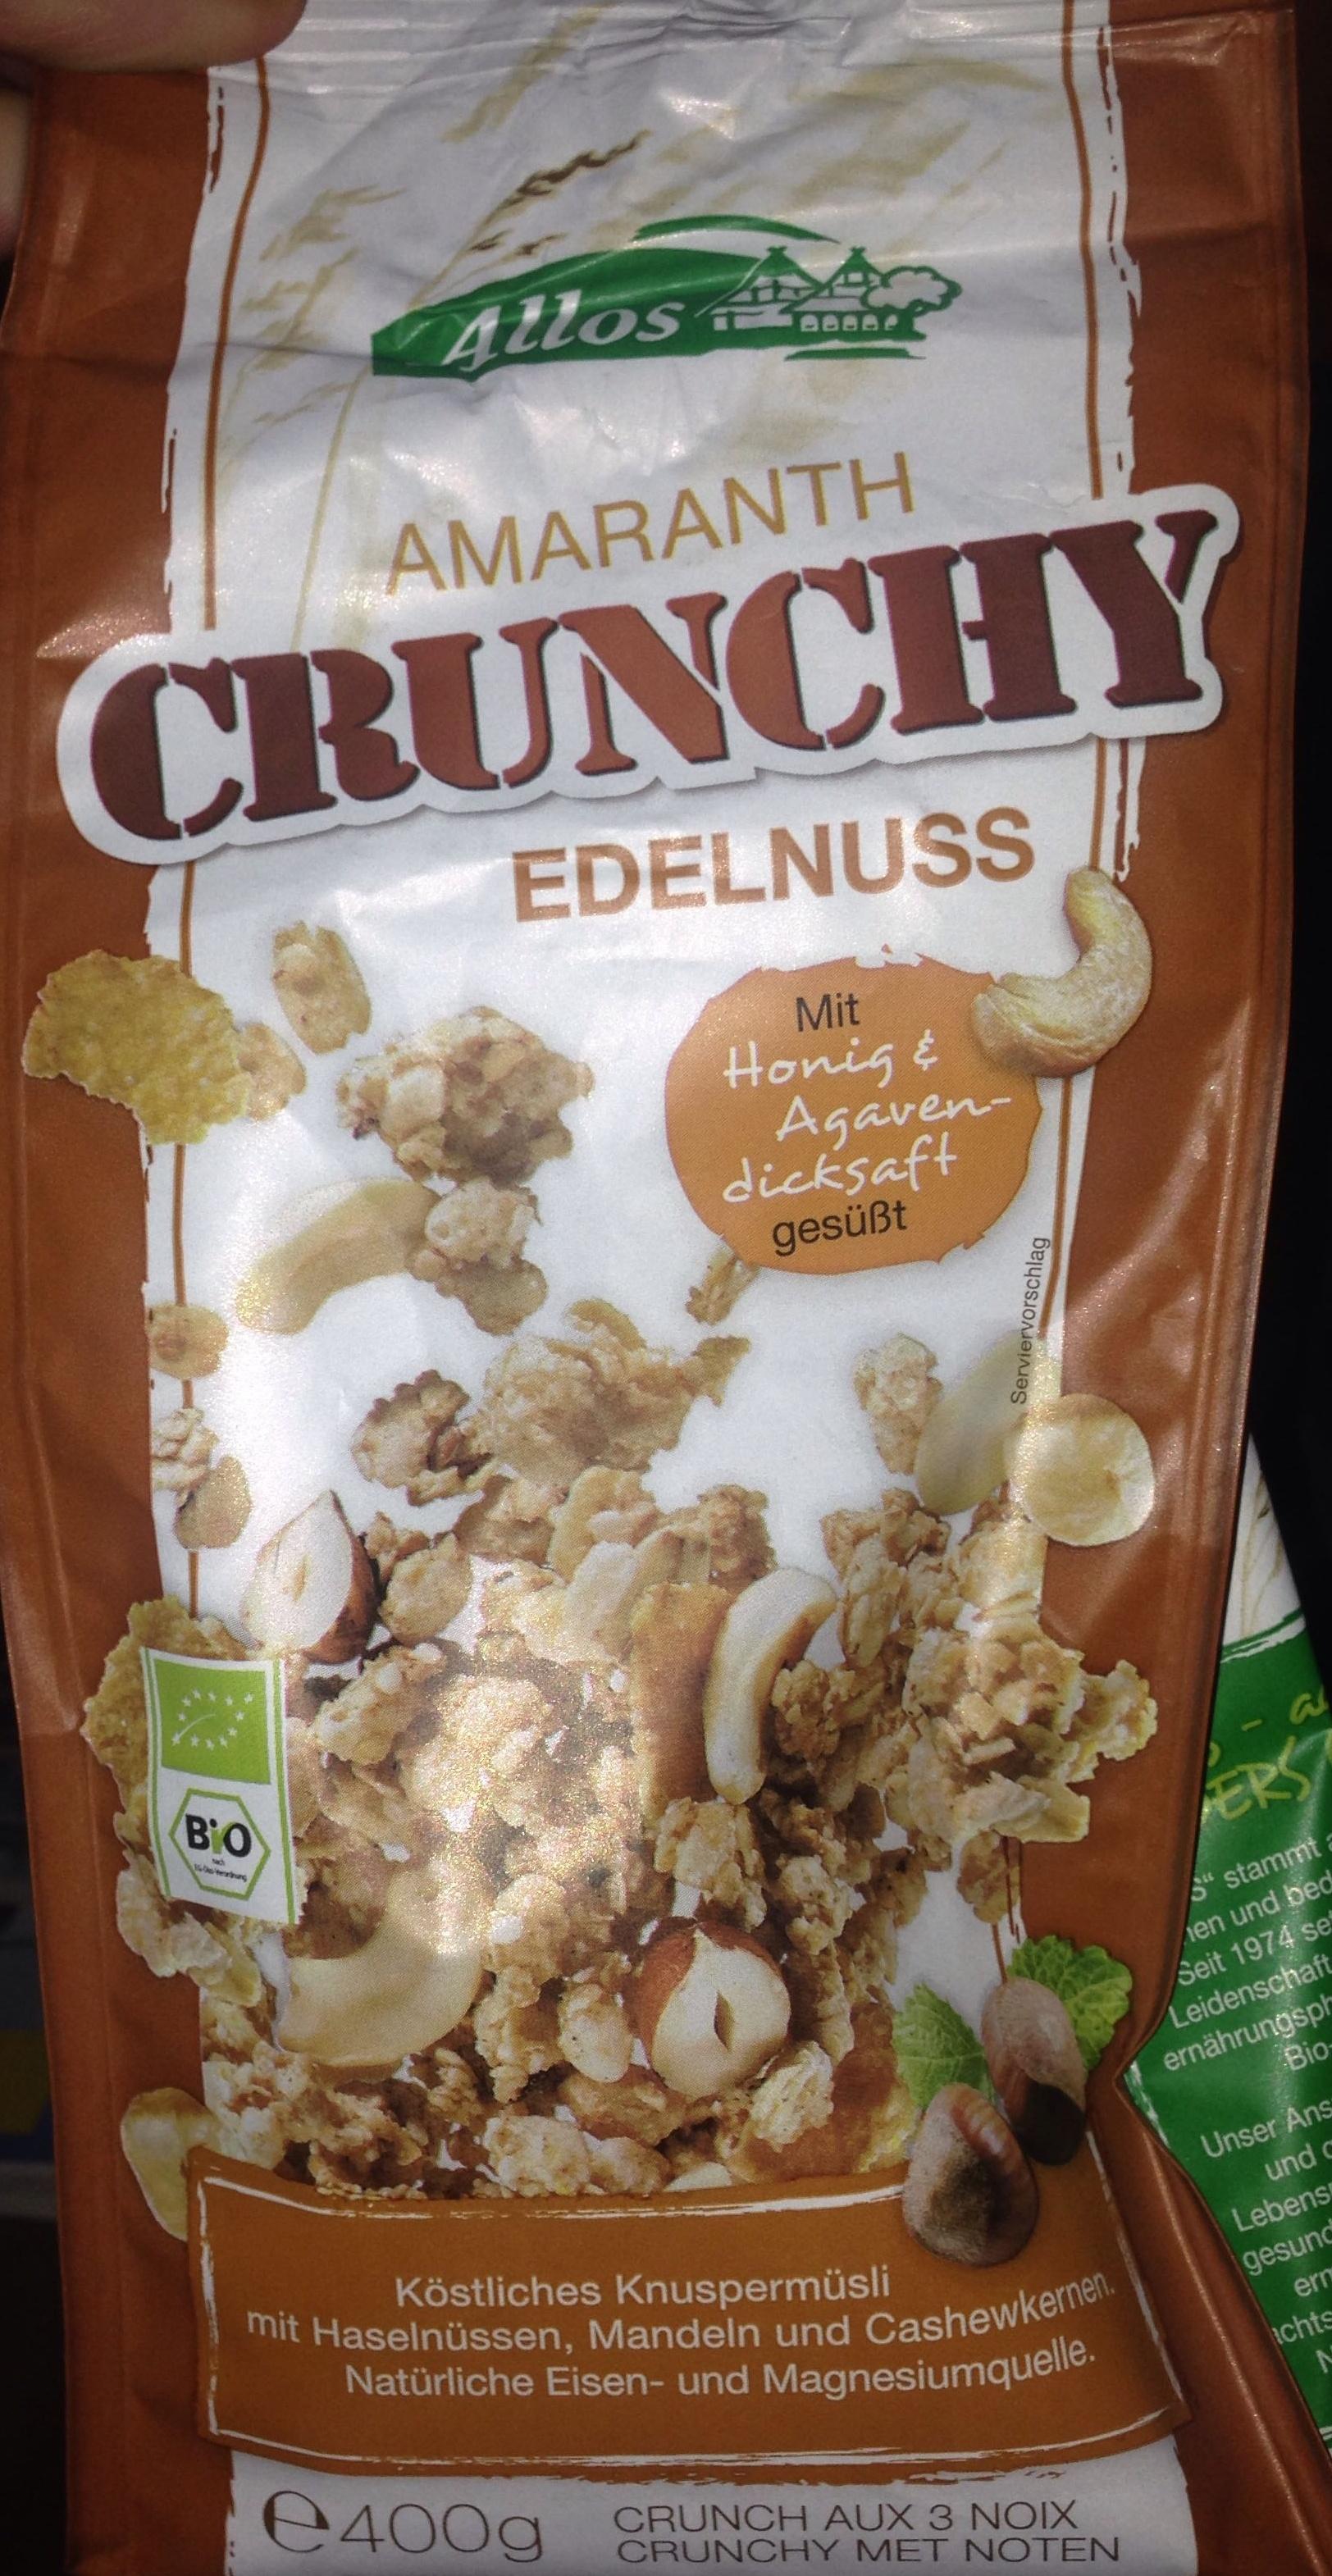 Amaranth crunchy edelnuss - Product